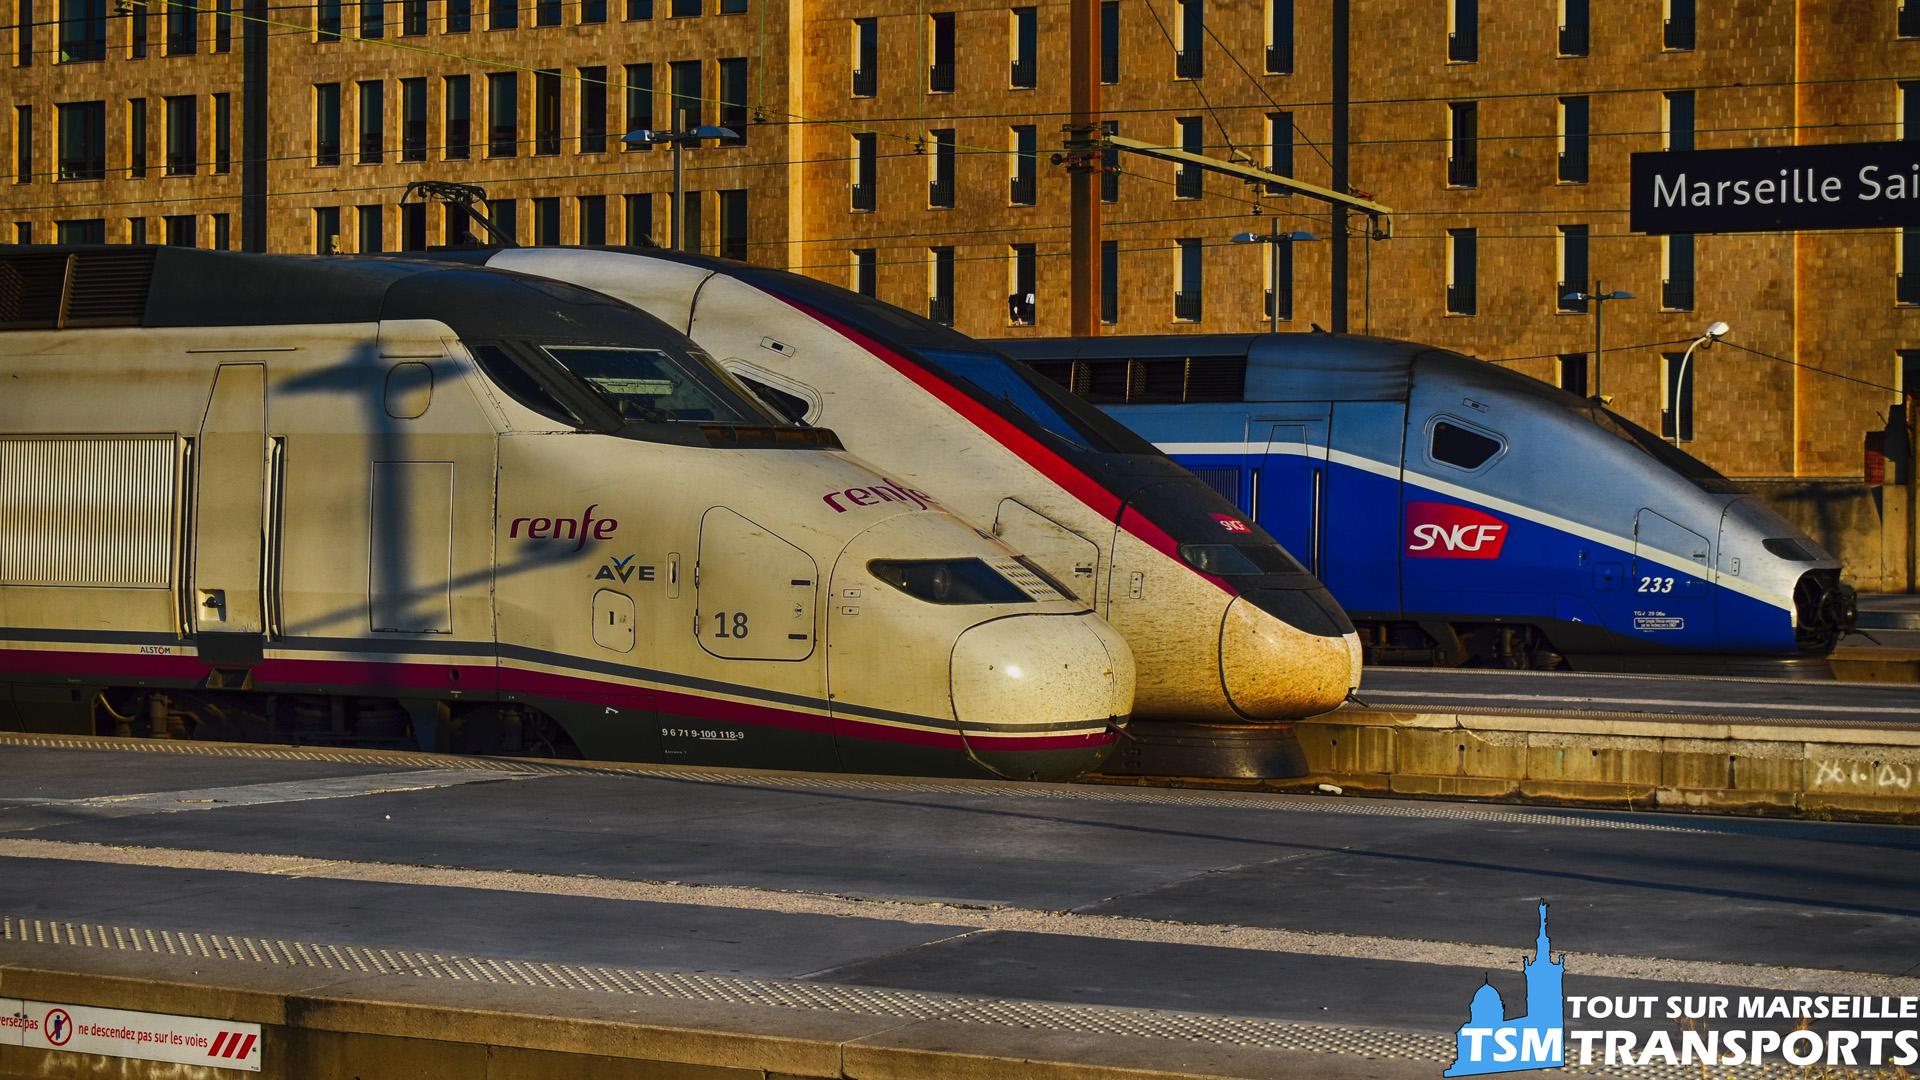 Nous voici en #gare saint Charles à une heure matinale et au départ, une brochette de TGV, dans l'ordre de gauche à droite : L'AVE Renfe SNCF quotidien (n°18), Le TGV n°240 et le TGV n°233